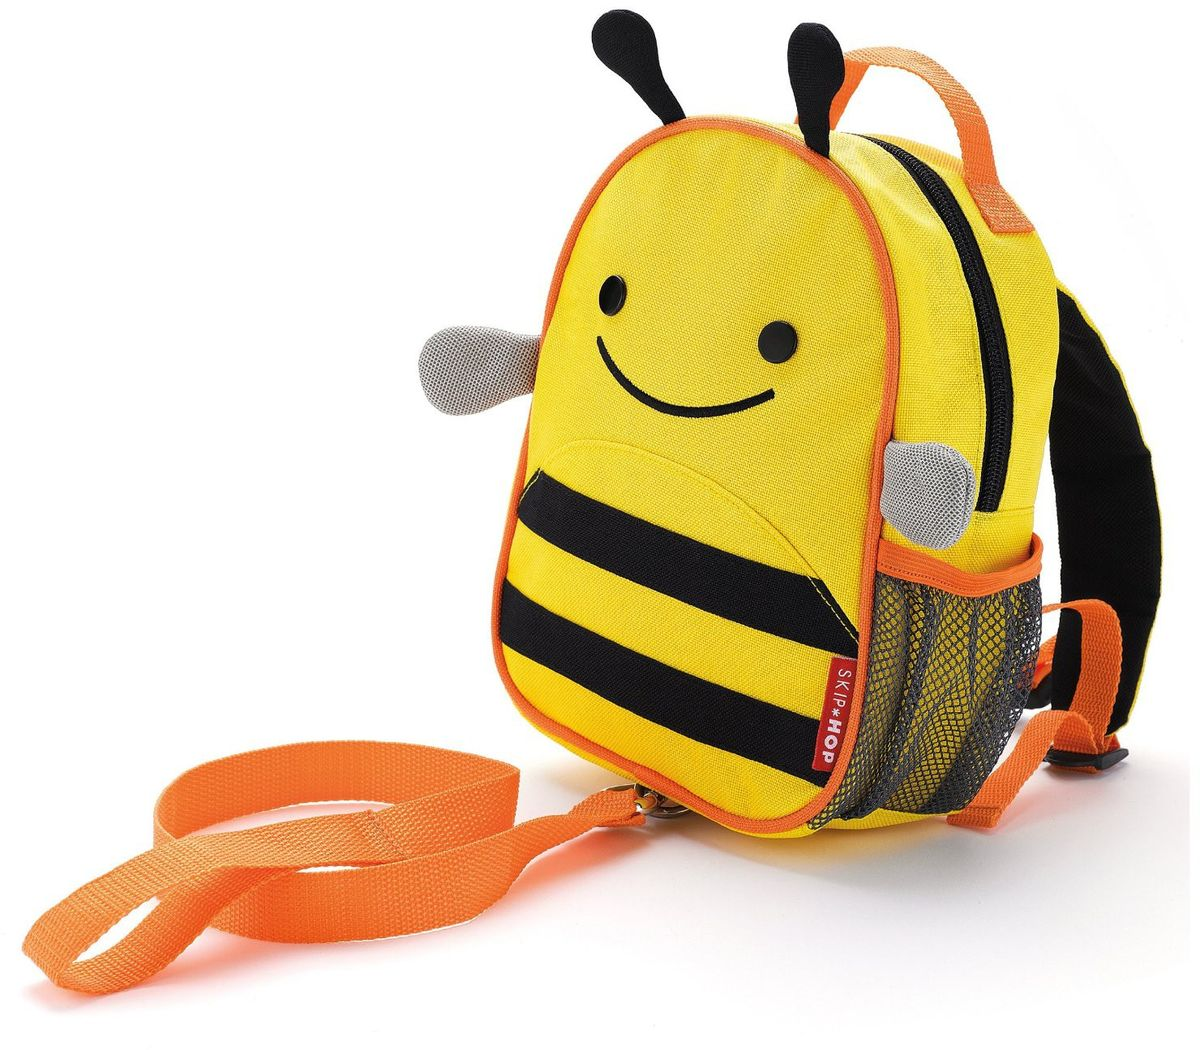 SkipHop Рюкзак дошкольный Пчела с поводком72523WDВозраст: от 11 месяцев. Размер: 23 см x 19 см x 8.5 см. Легко одевается на ребенка. Ремешок безопасности регулируется до необходимой длины. Позволяет малышу свободно исследовать мир, находясь под контролем родителей. Можно стирать в машинке. Бирочка для имени.